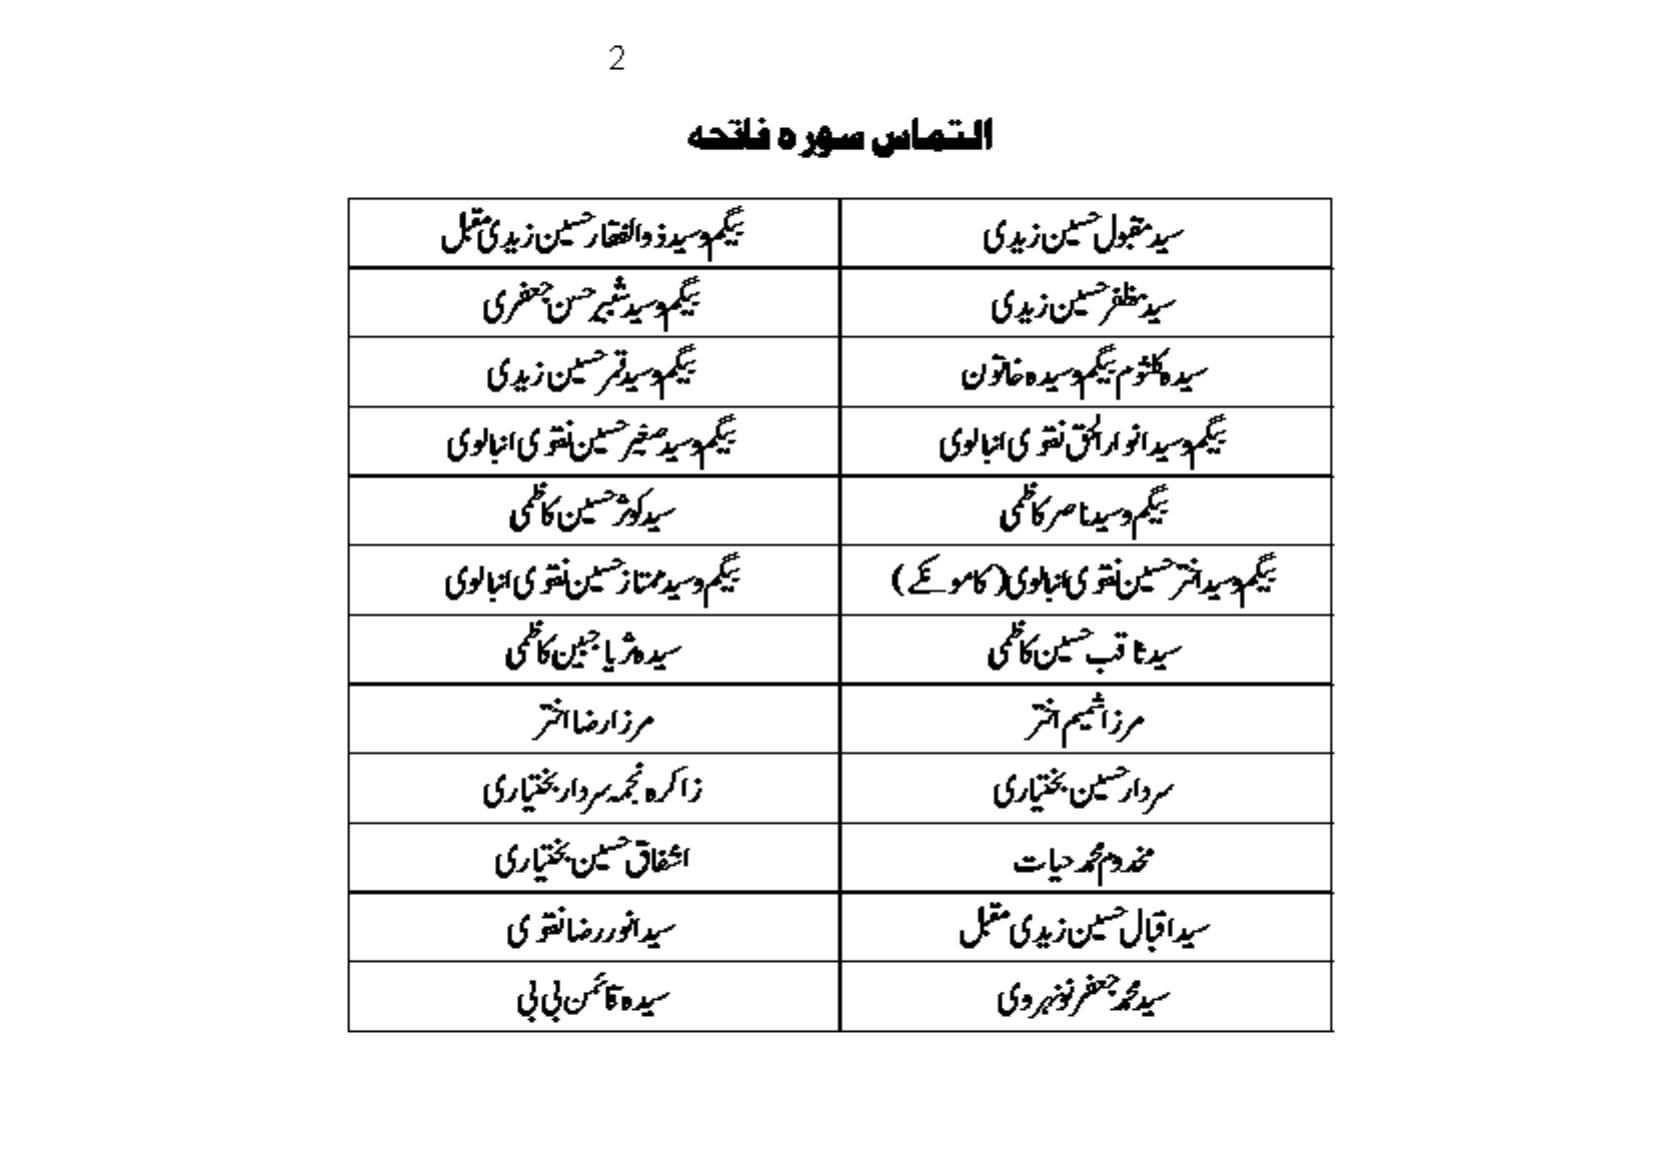 Nahjul Balagha Pdf In Urdu Mufti Jaffar Hussain